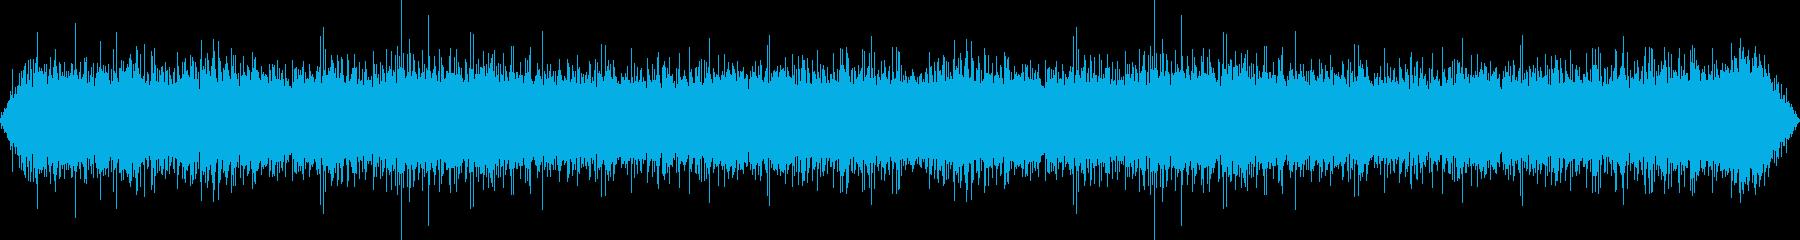 キャンバステントの雨の再生済みの波形